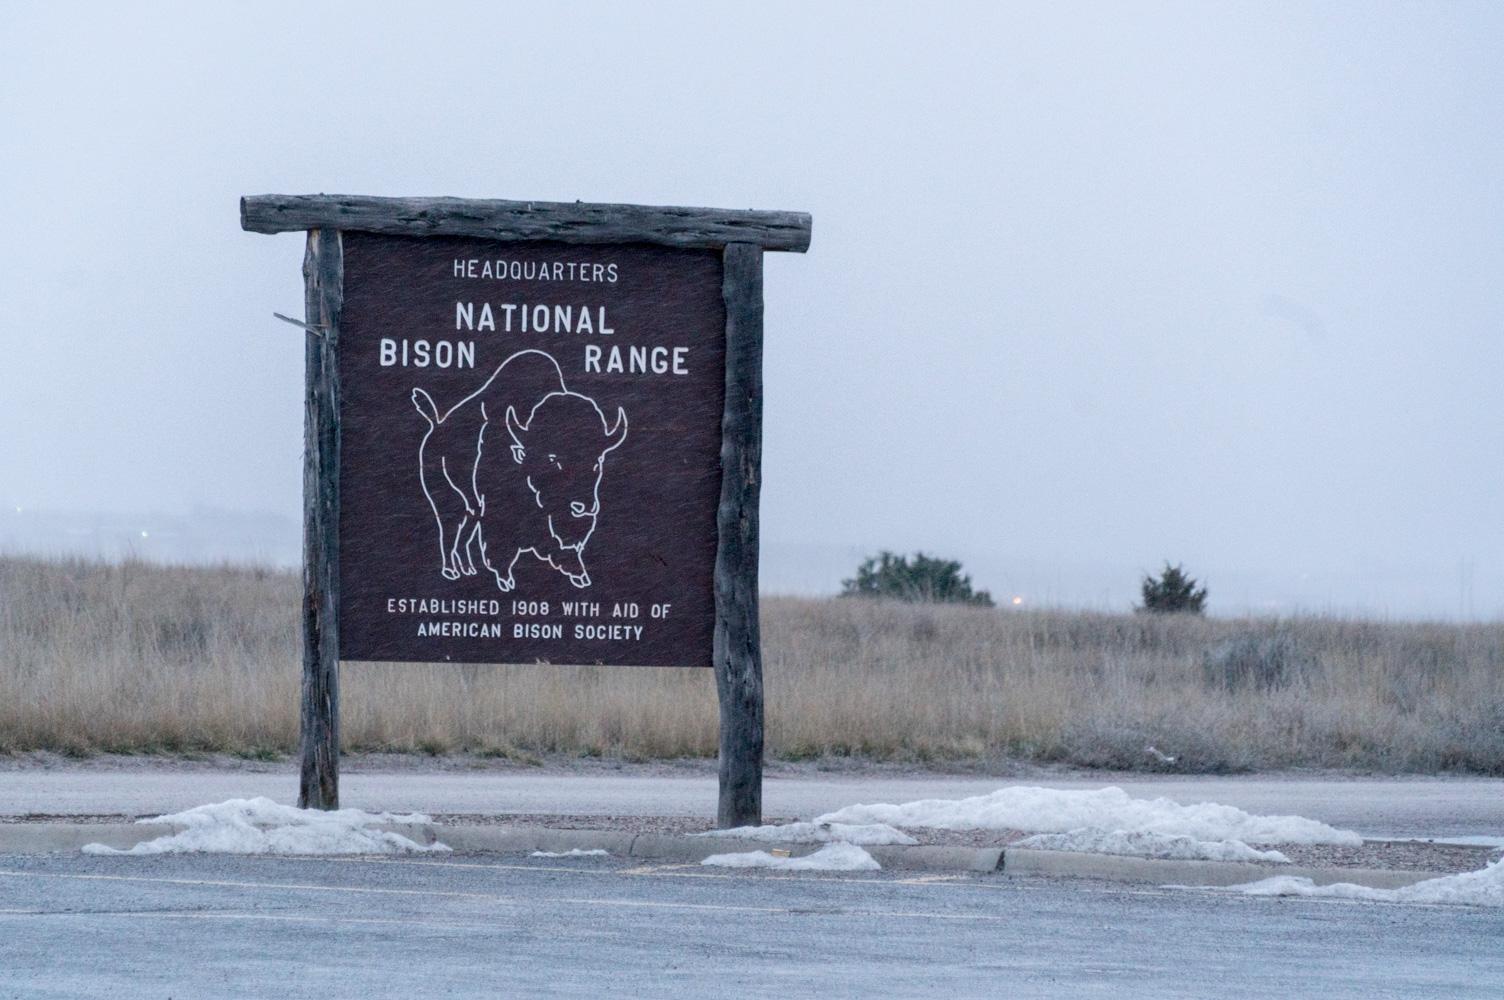 BUSTED NATIONAL BISON RANGE TRIP ENDS BETTER